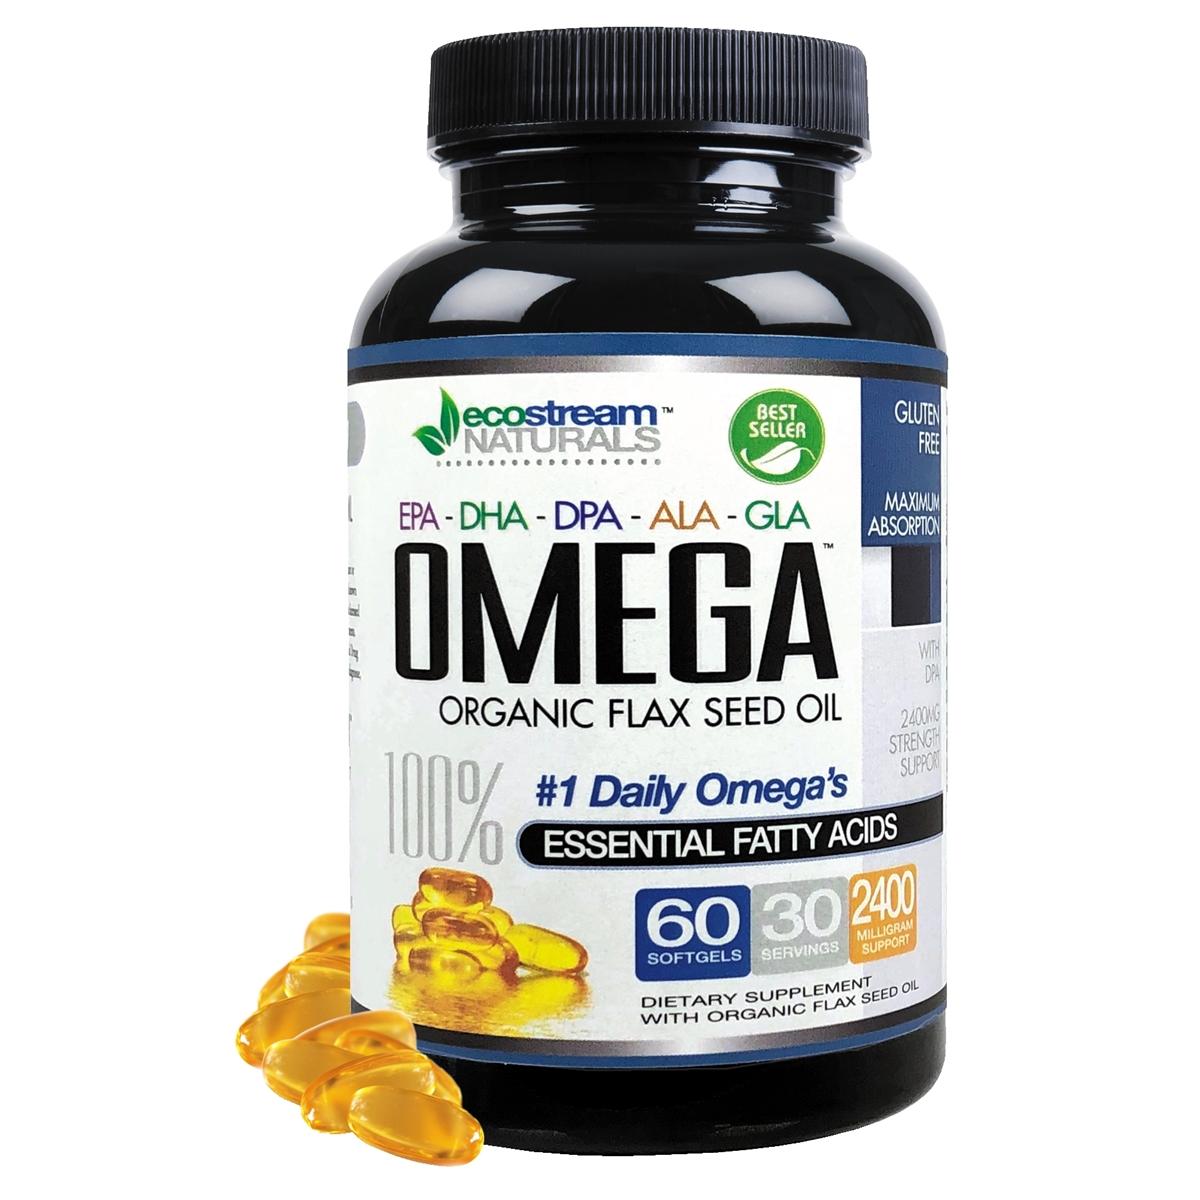 Omega 3 6 9 Blend With Epa Dha Dpa Ala And Gla And Organic Flax